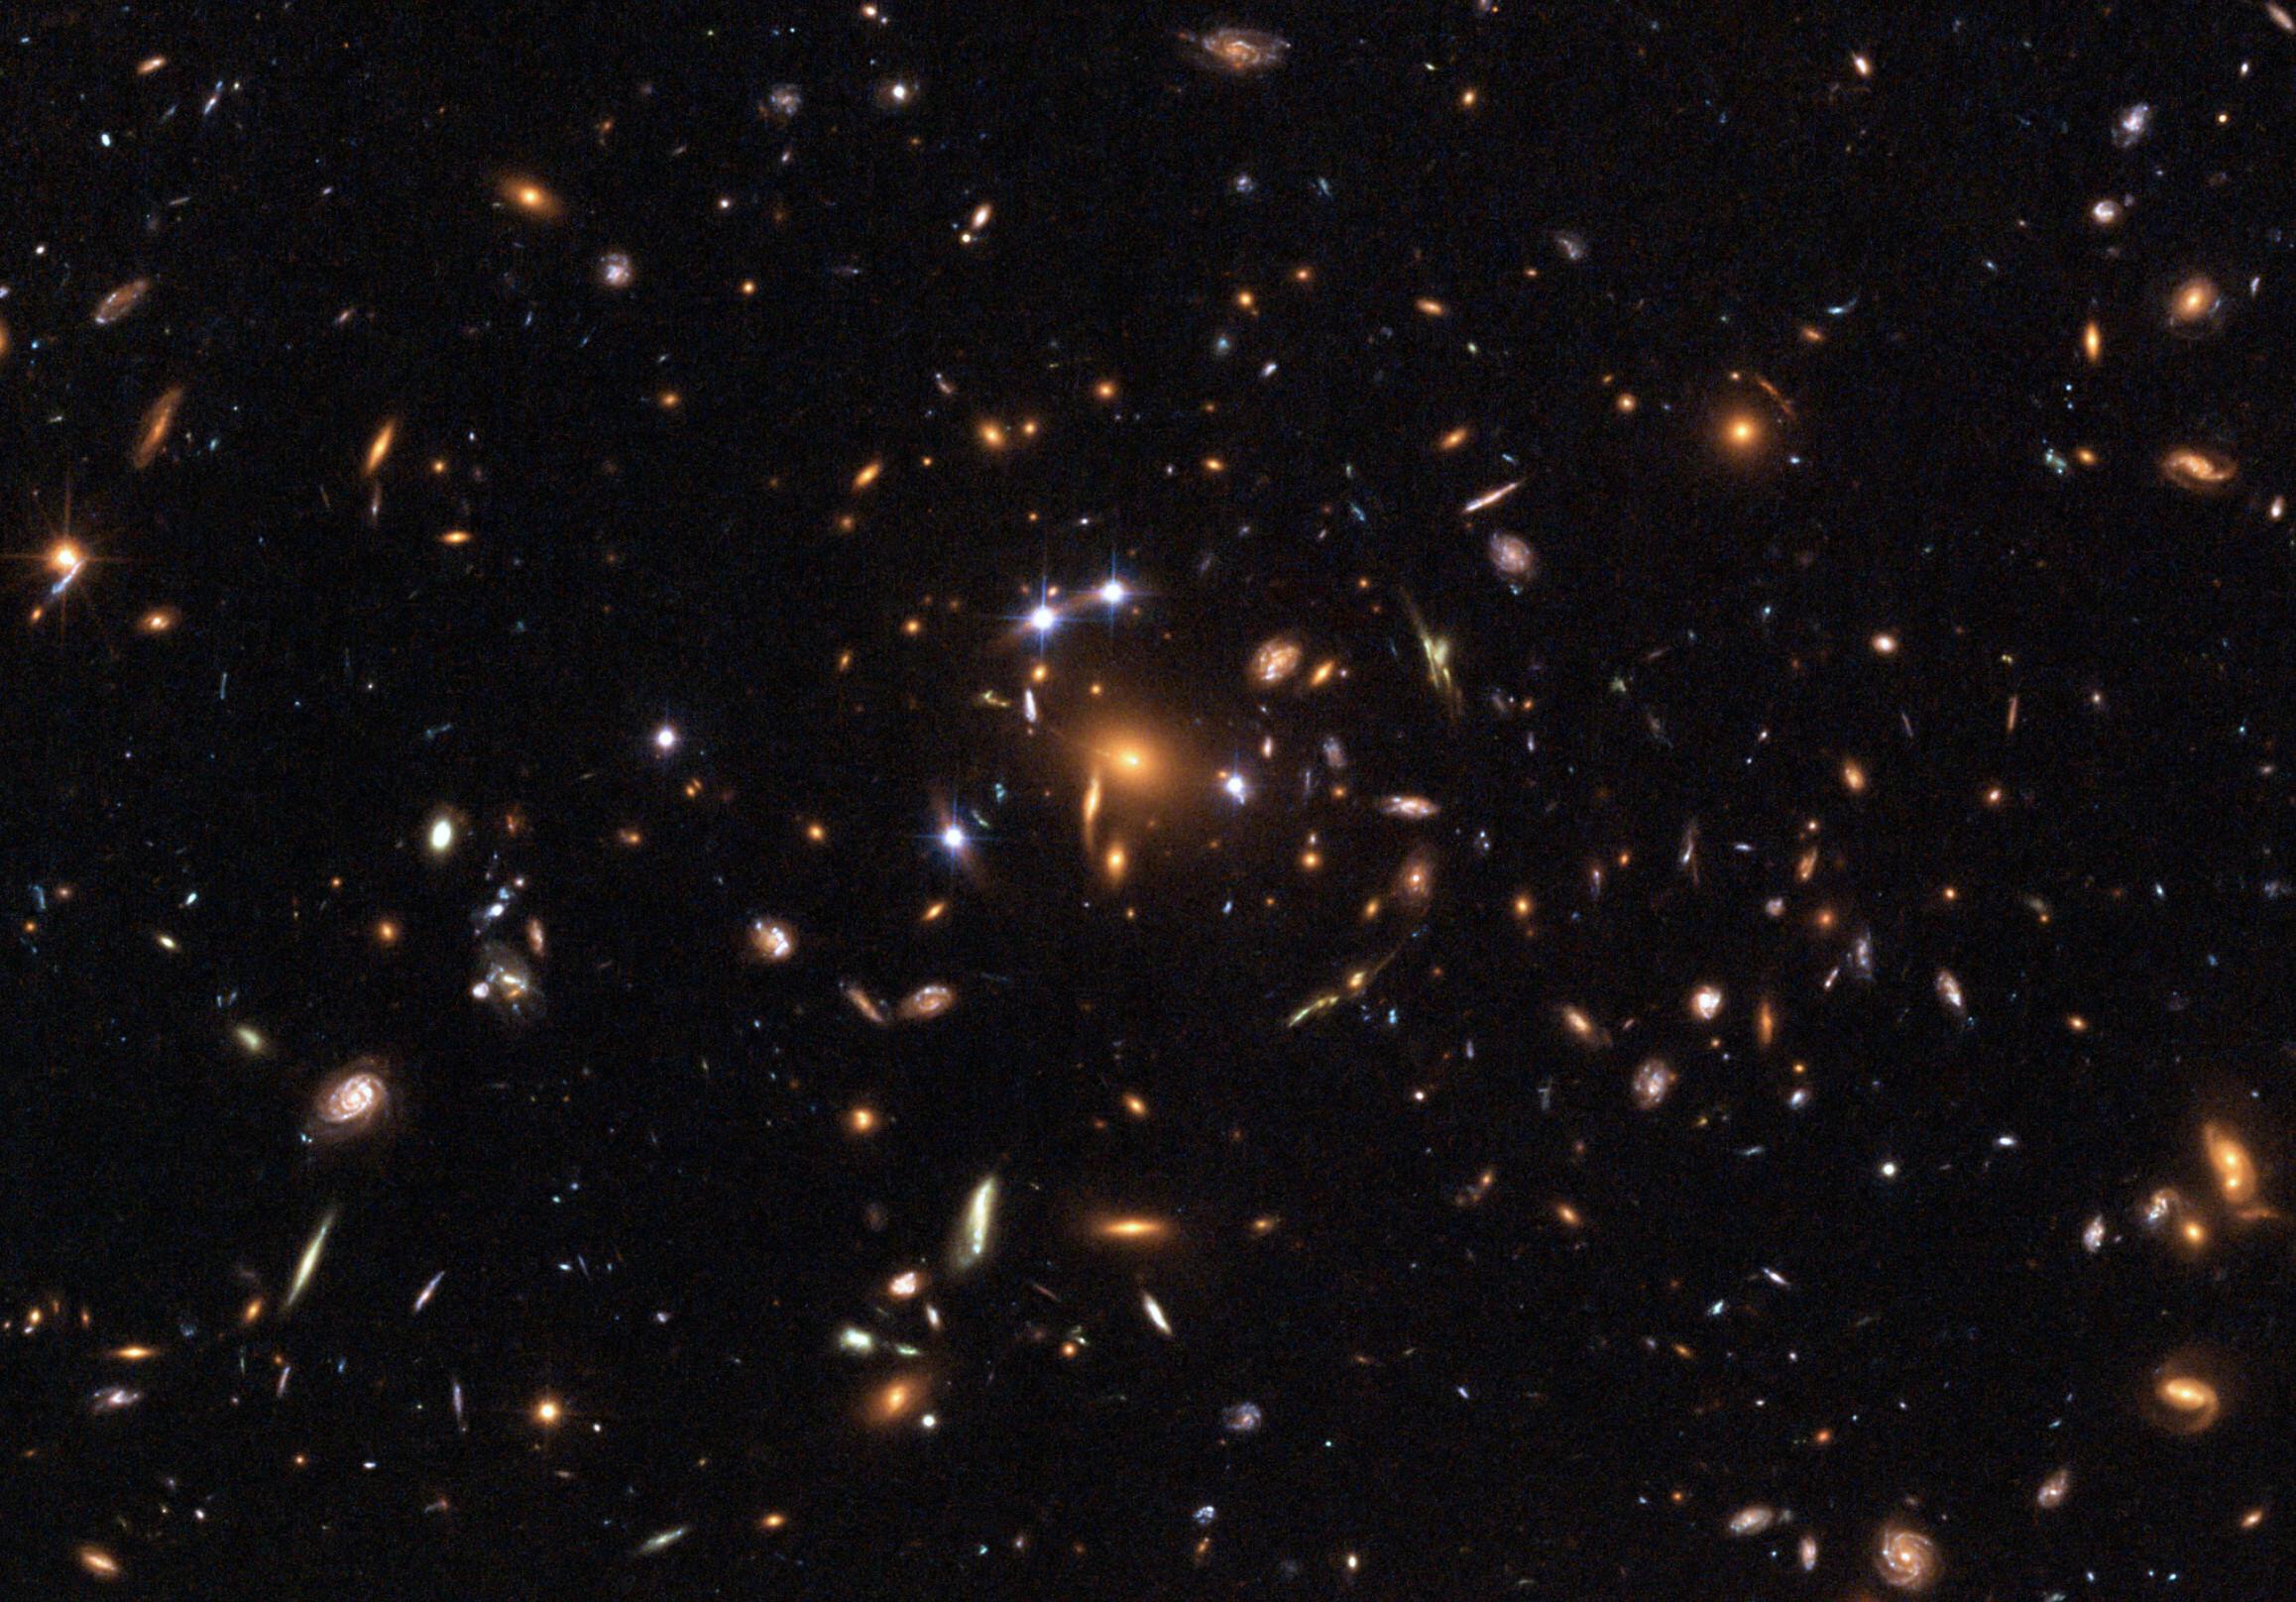 Скопление галактик SDSS J1004+4112. Фото © Wikimedia Commons